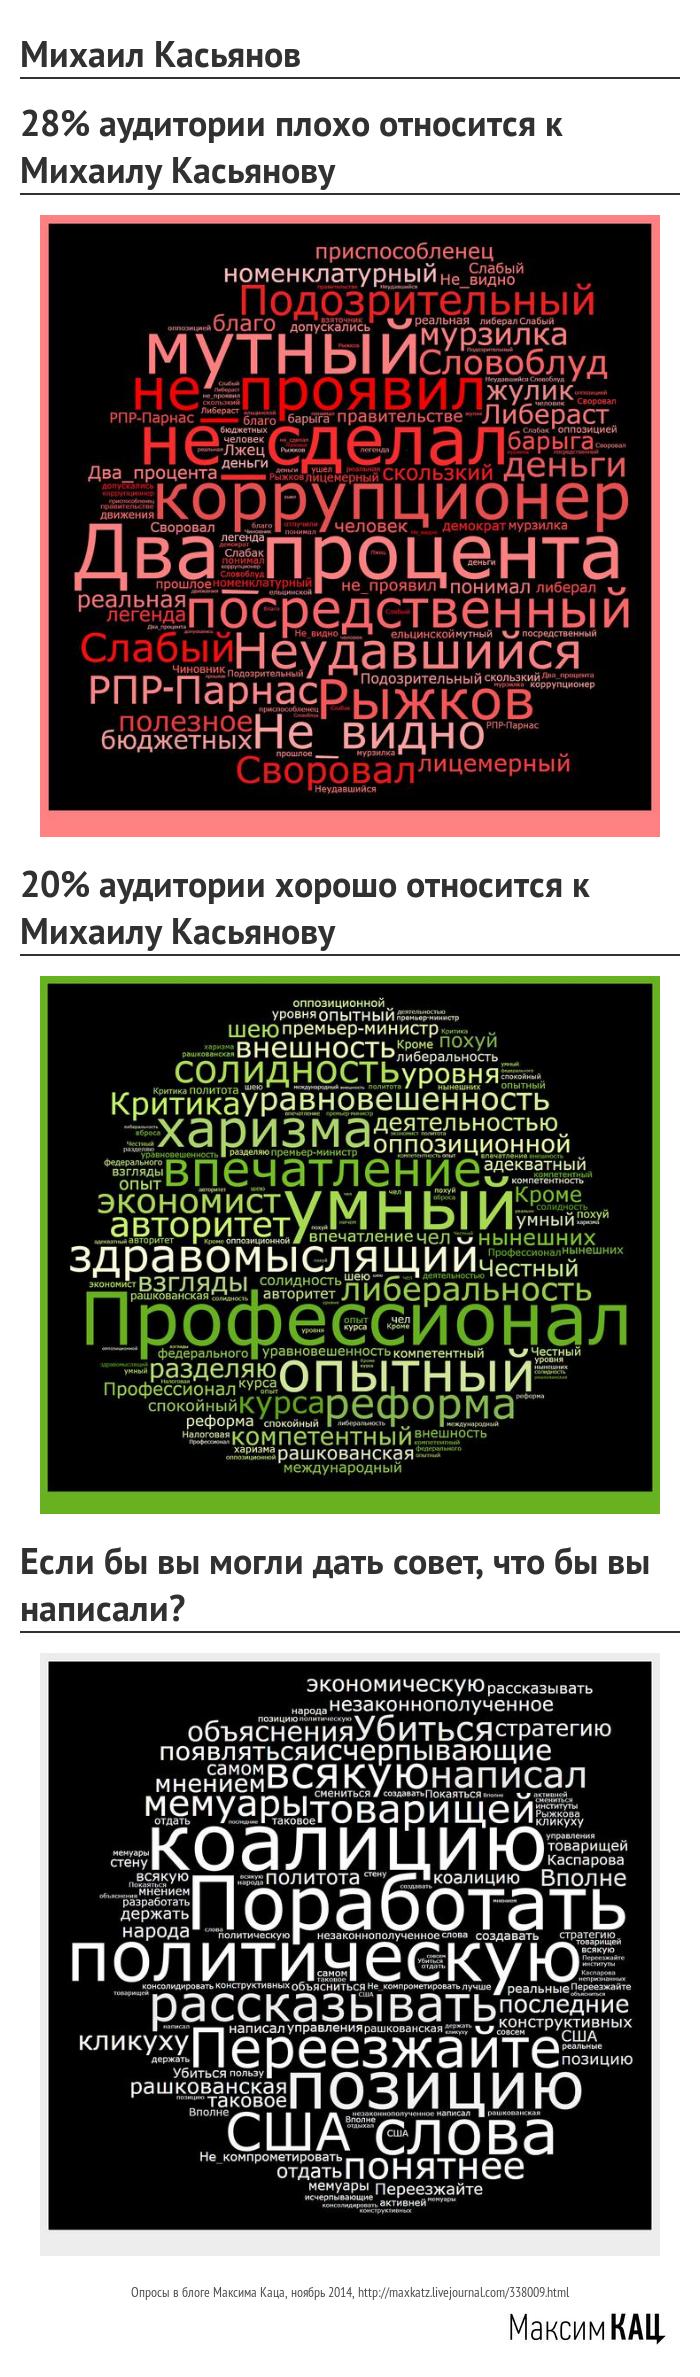 Mihail_KasLyanov-2